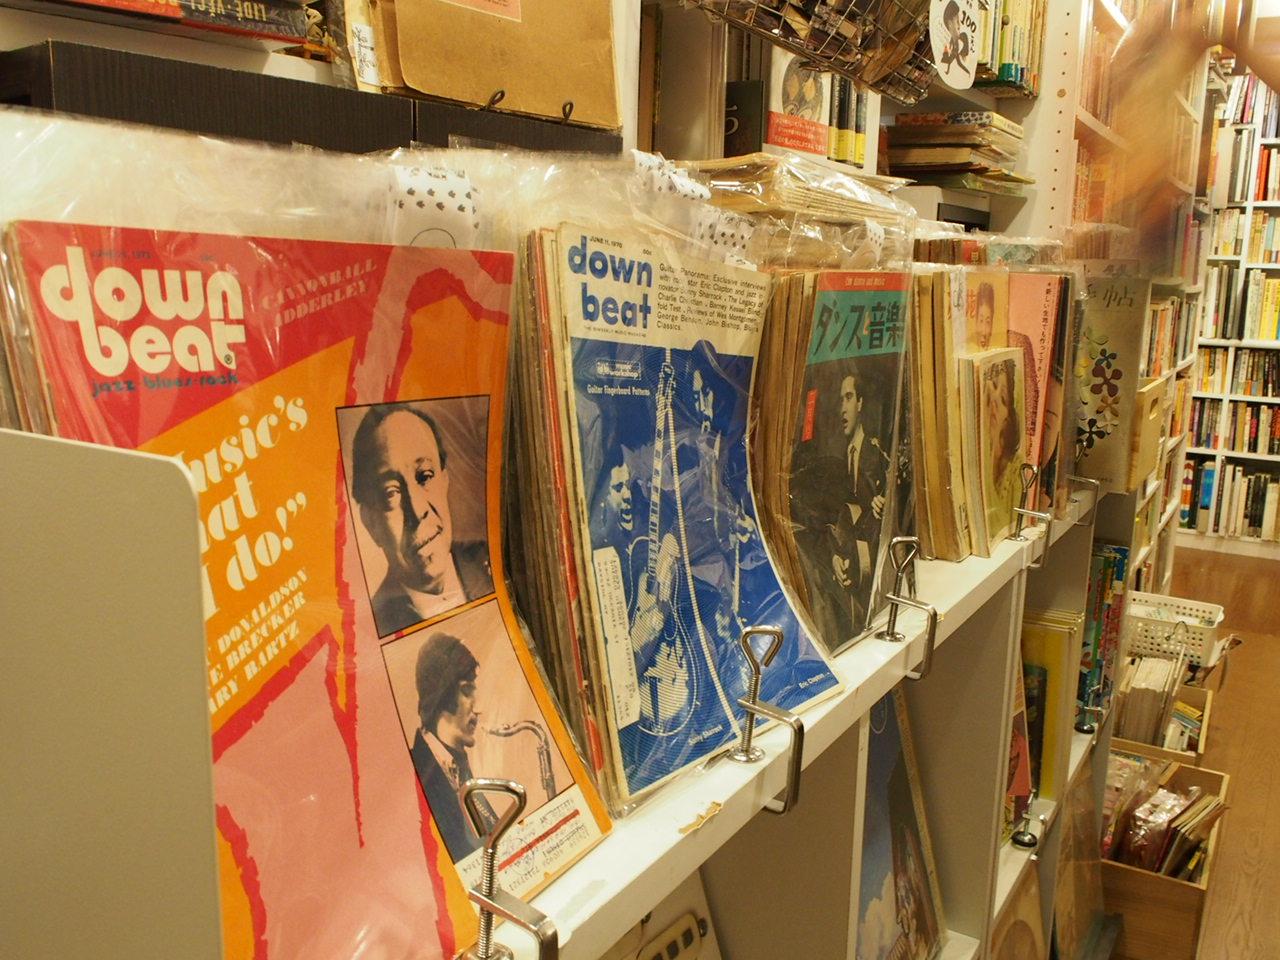 なんとレコードや超レアな80年代や90年代の雑誌もある